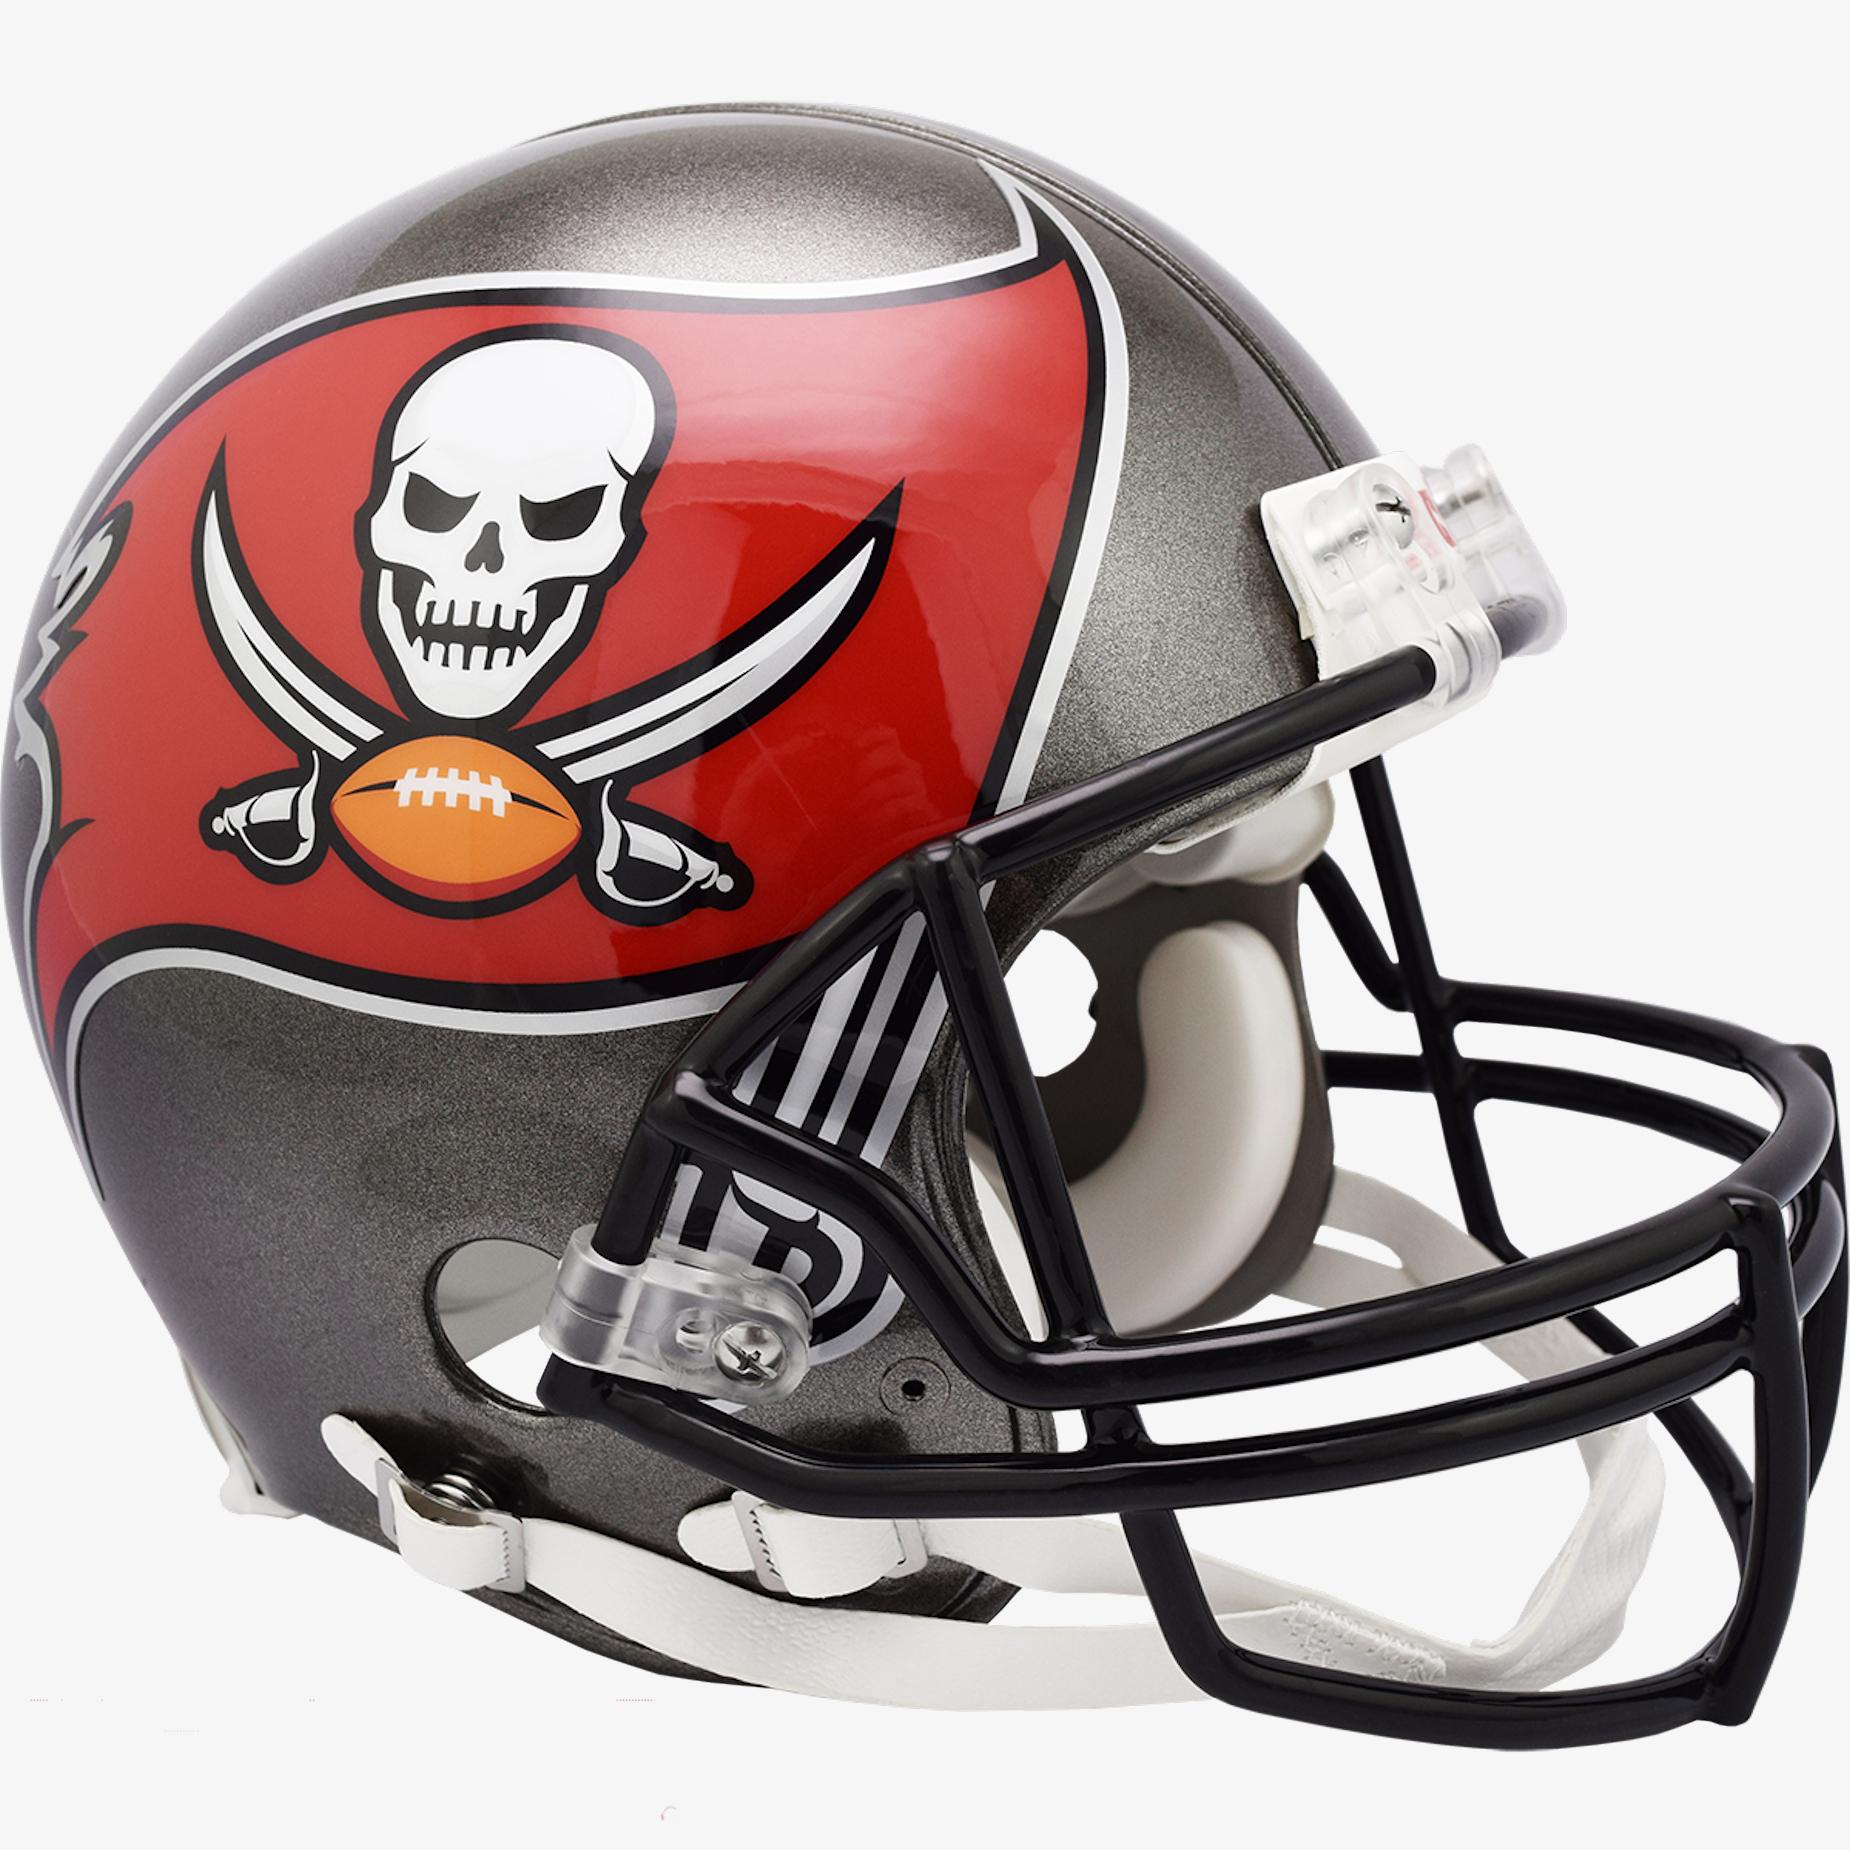 Tampa Bay Buccaneers Football Helmet <B>NEW 2020</B>